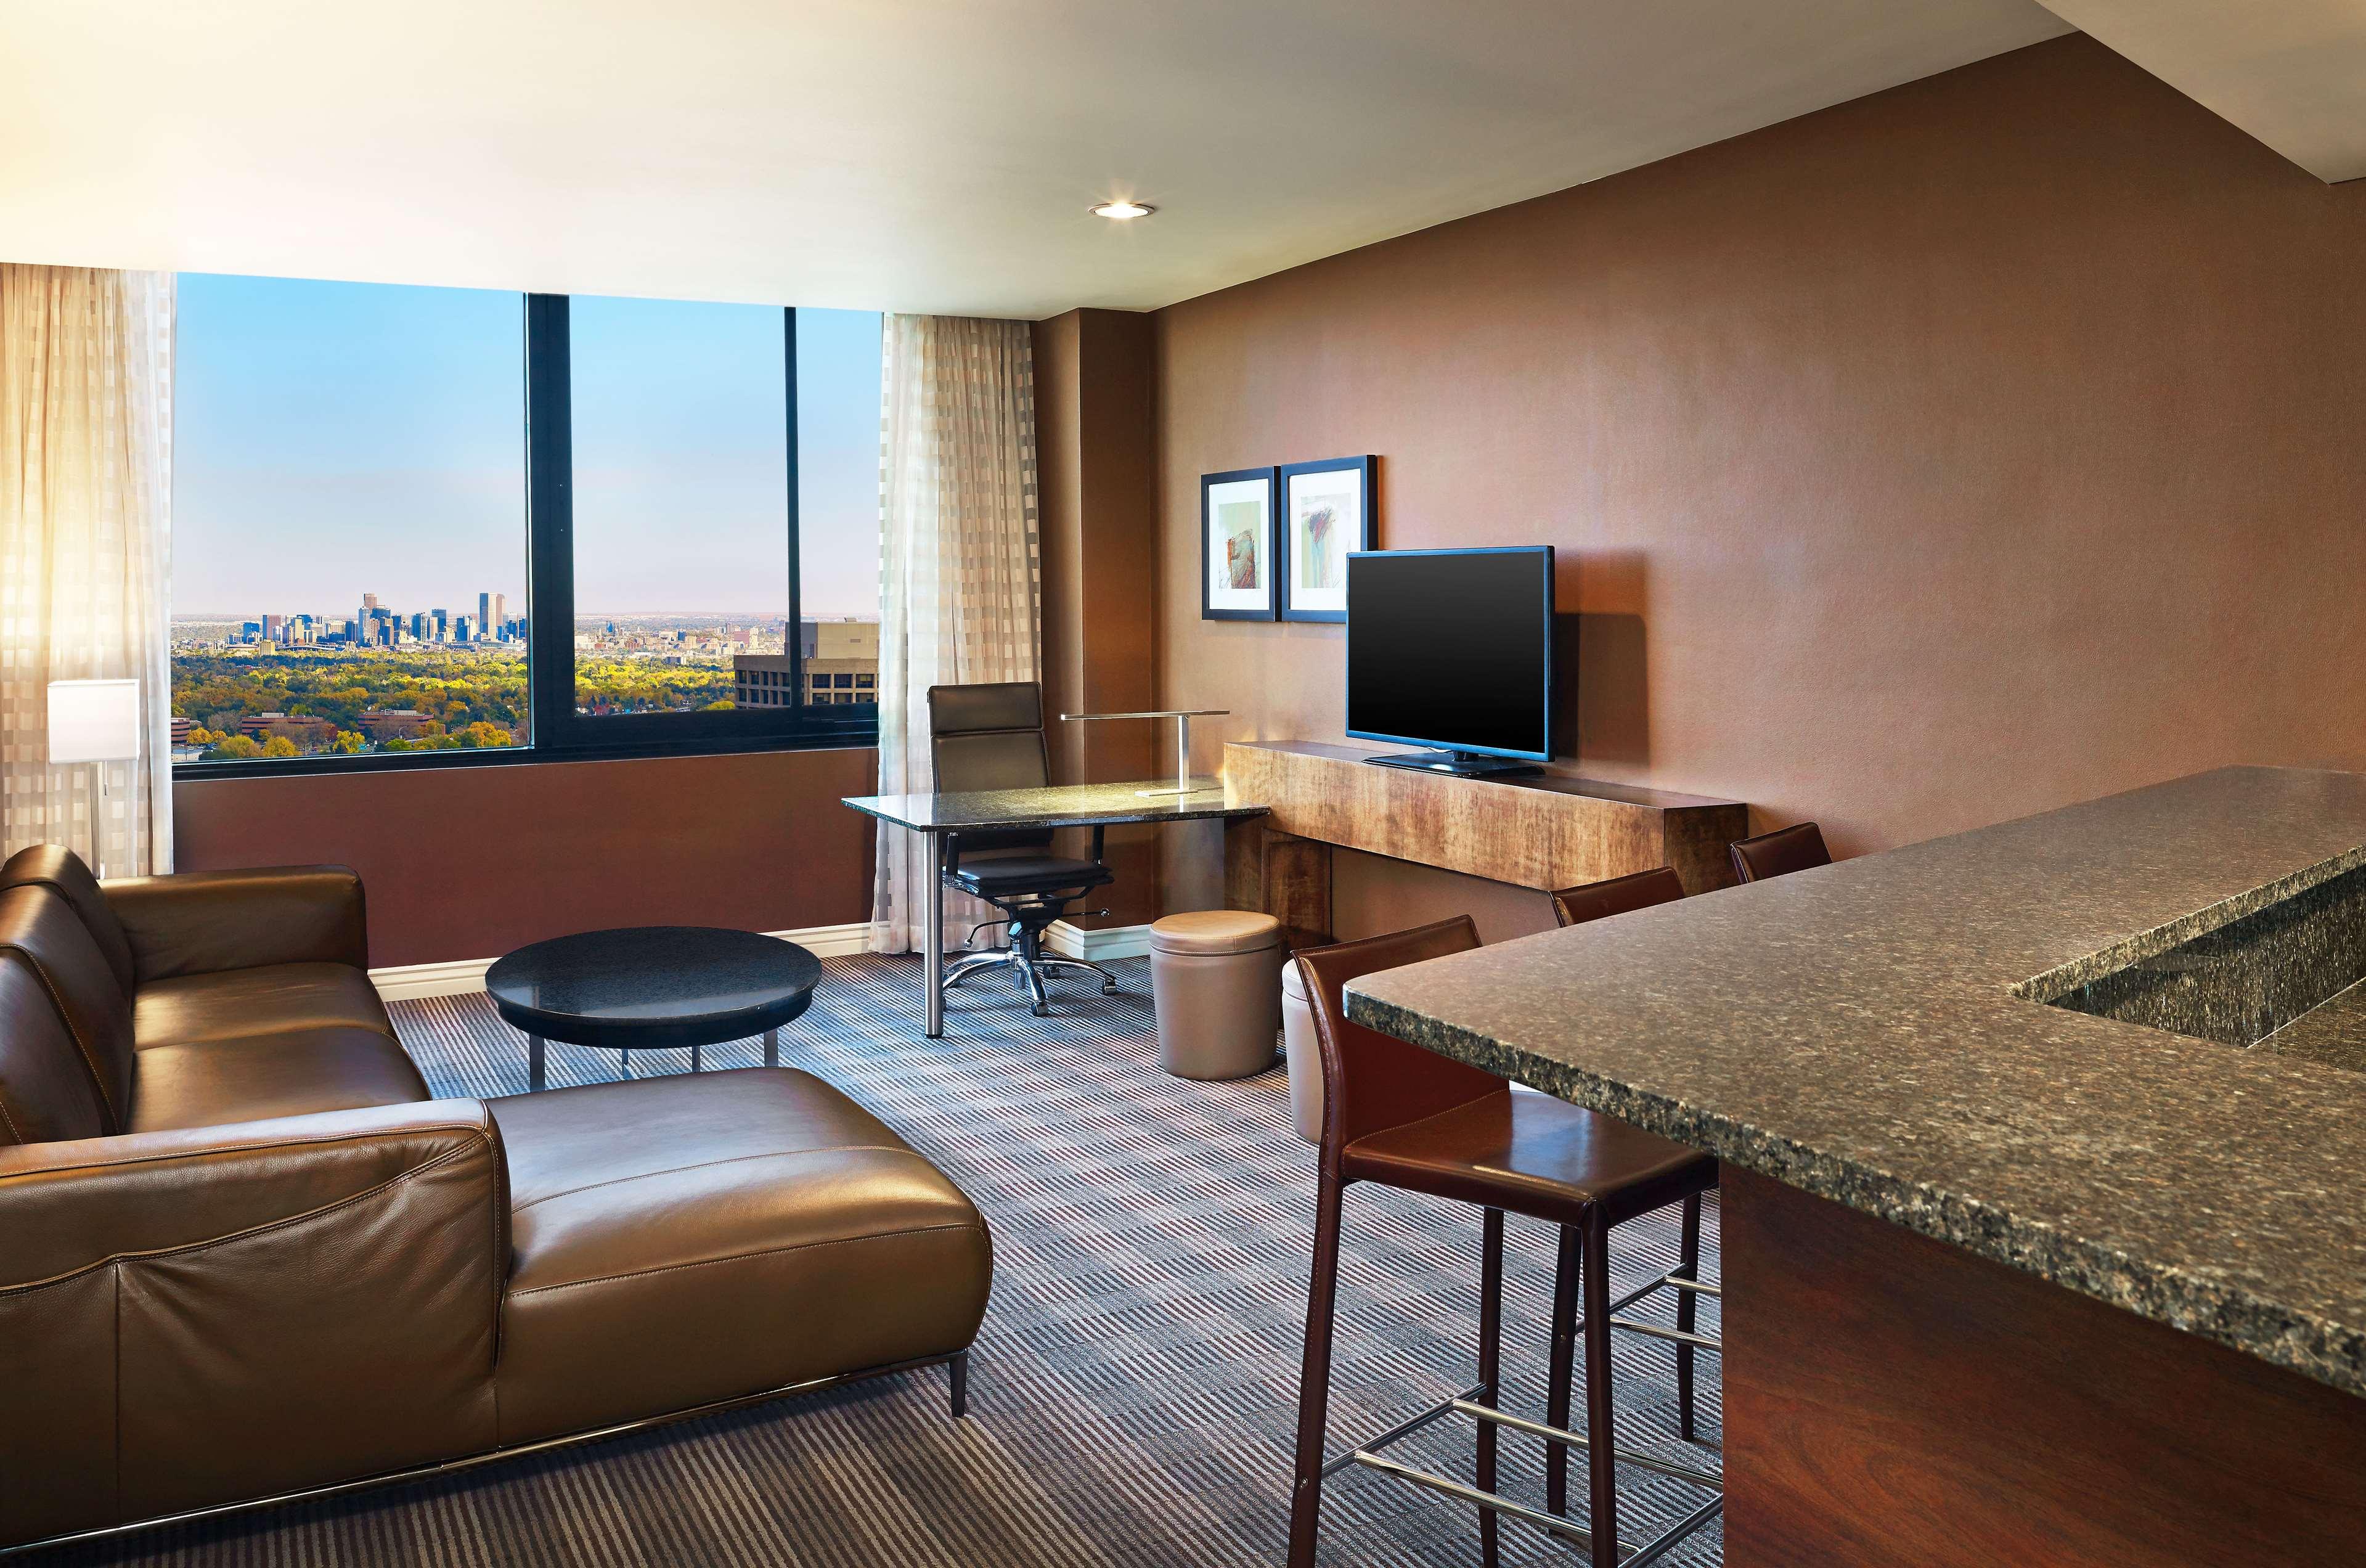 Sheraton Denver West Hotel image 4